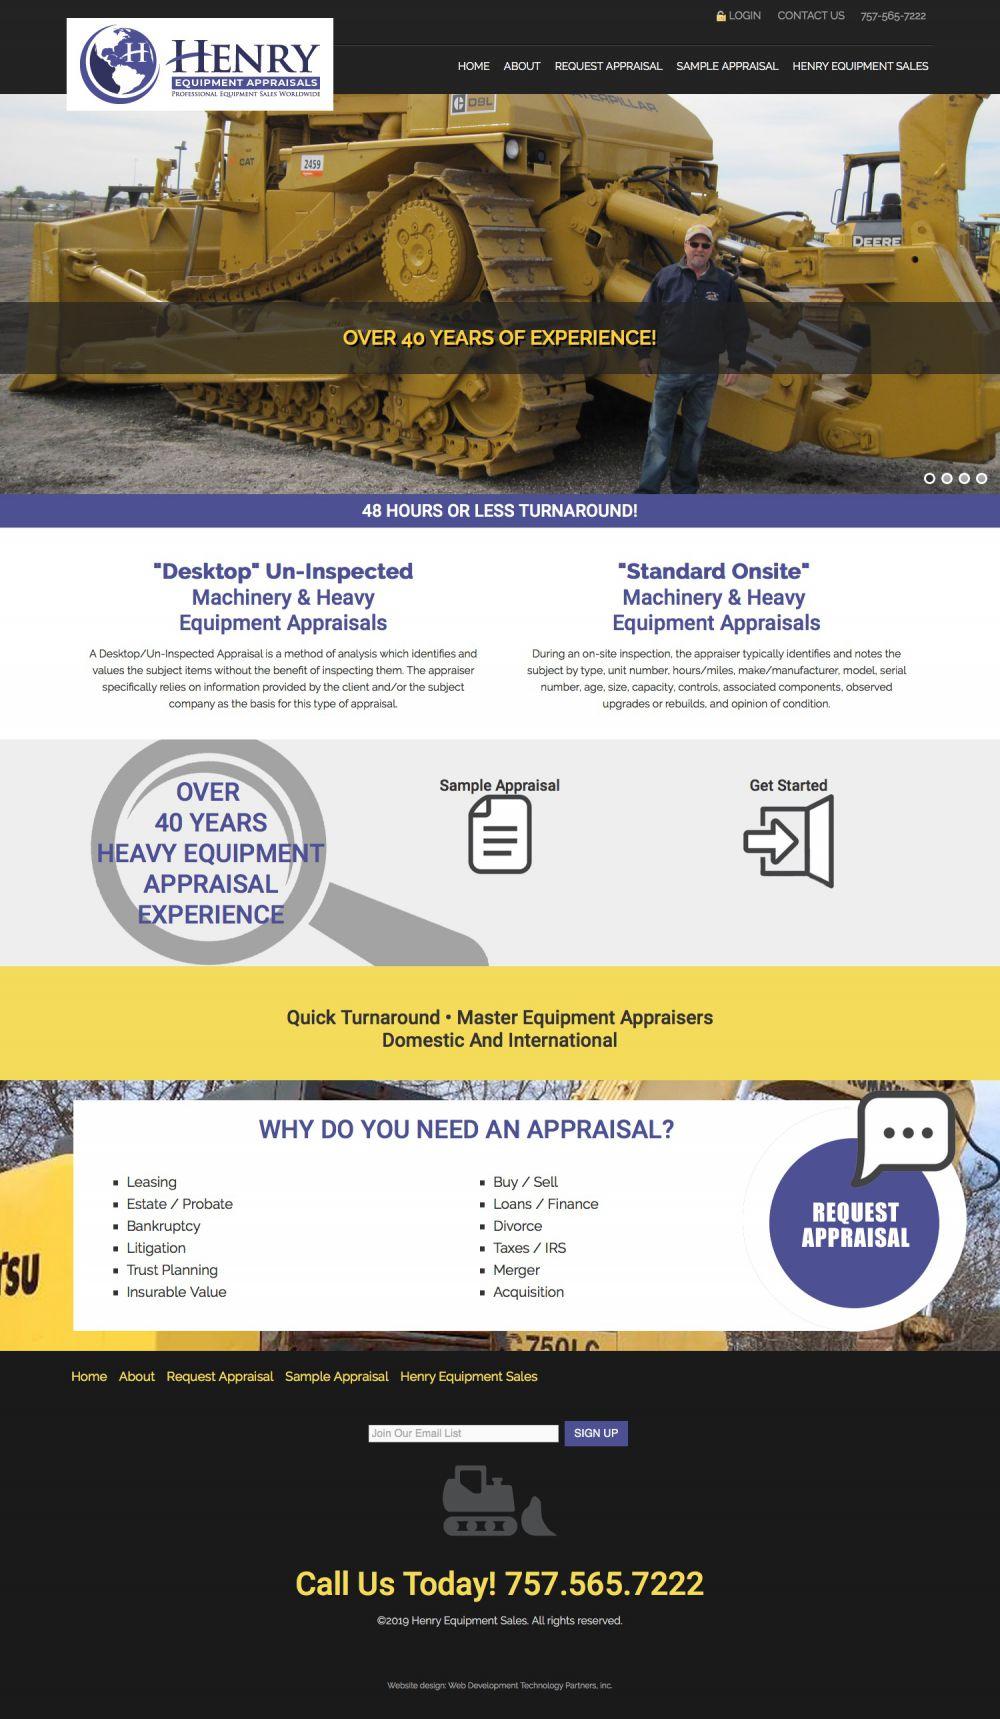 Henry Equipment Appraisals